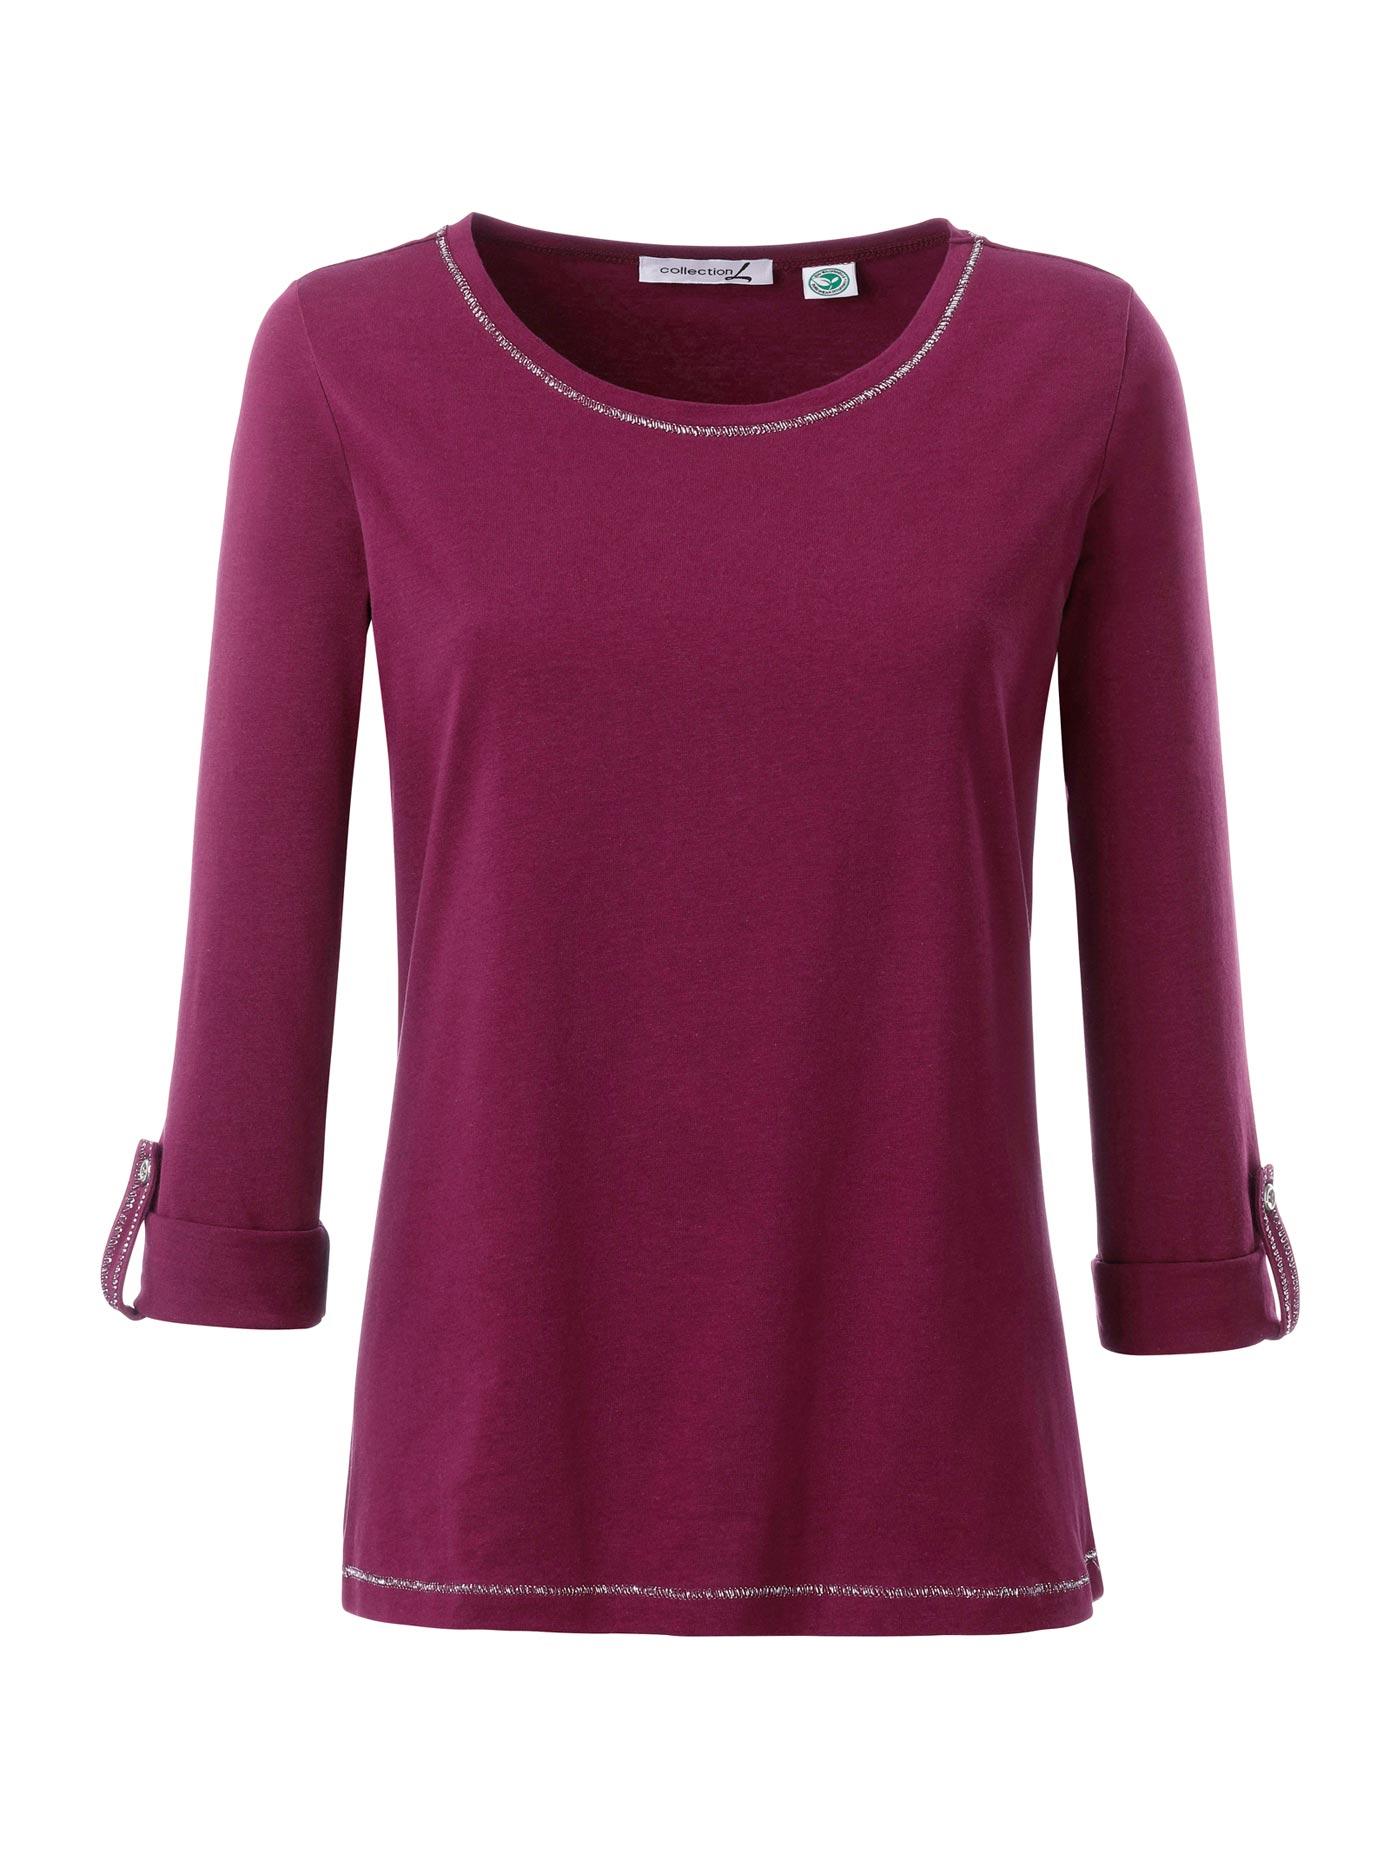 Casual Looks Longshirt mit silberglänzenden Ziernähten | Bekleidung > Shirts > Longshirts | Lila